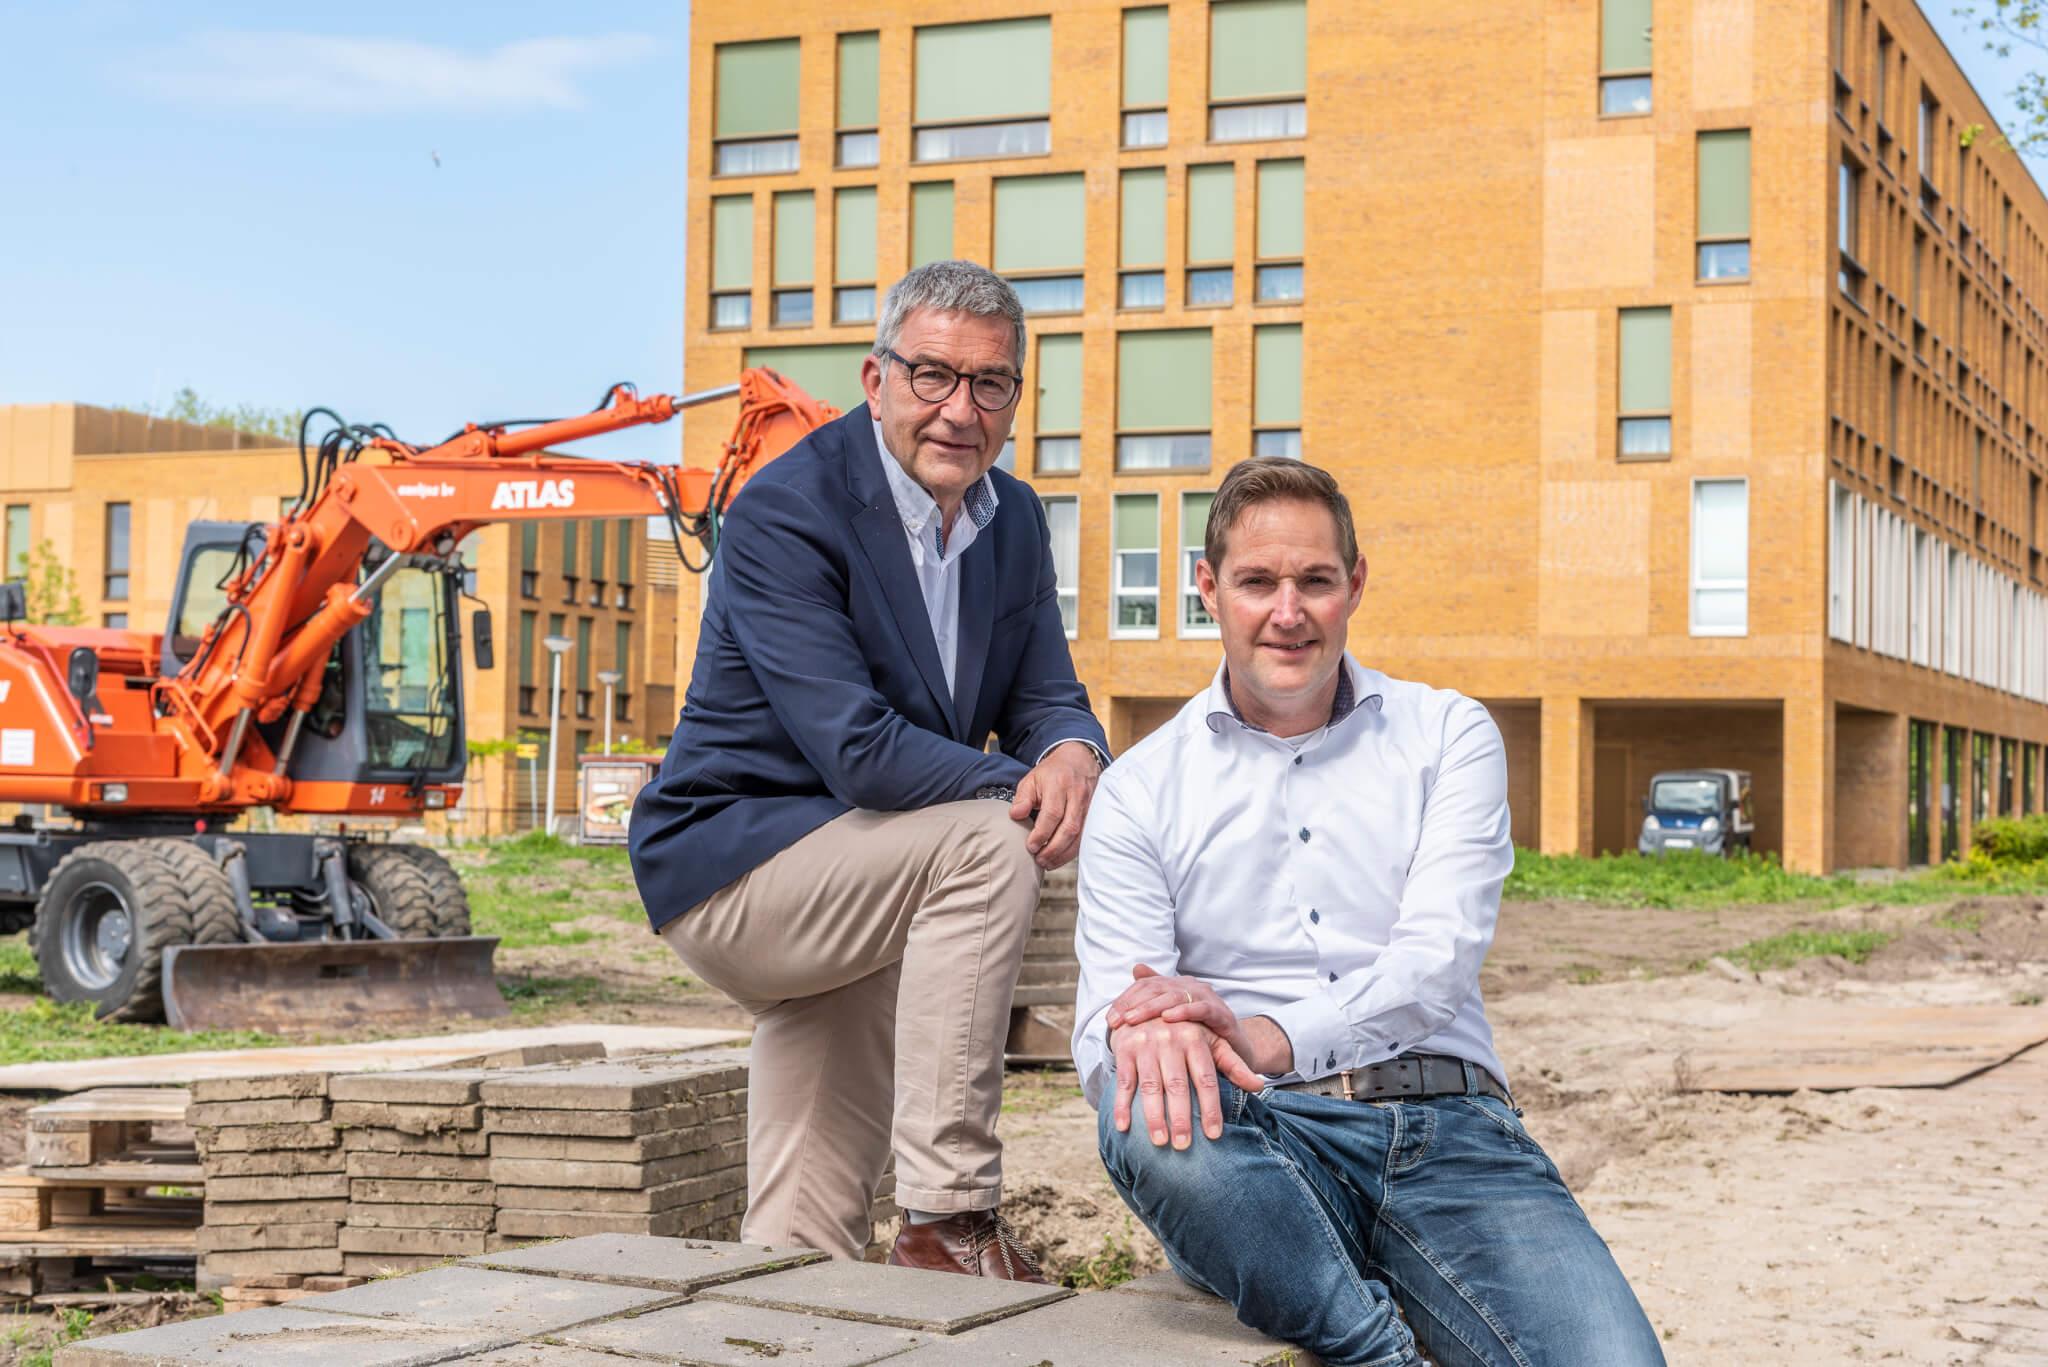 Cees Bol QuaWonen en Johan Immerzeel Van Wijnen Meerkoetflat